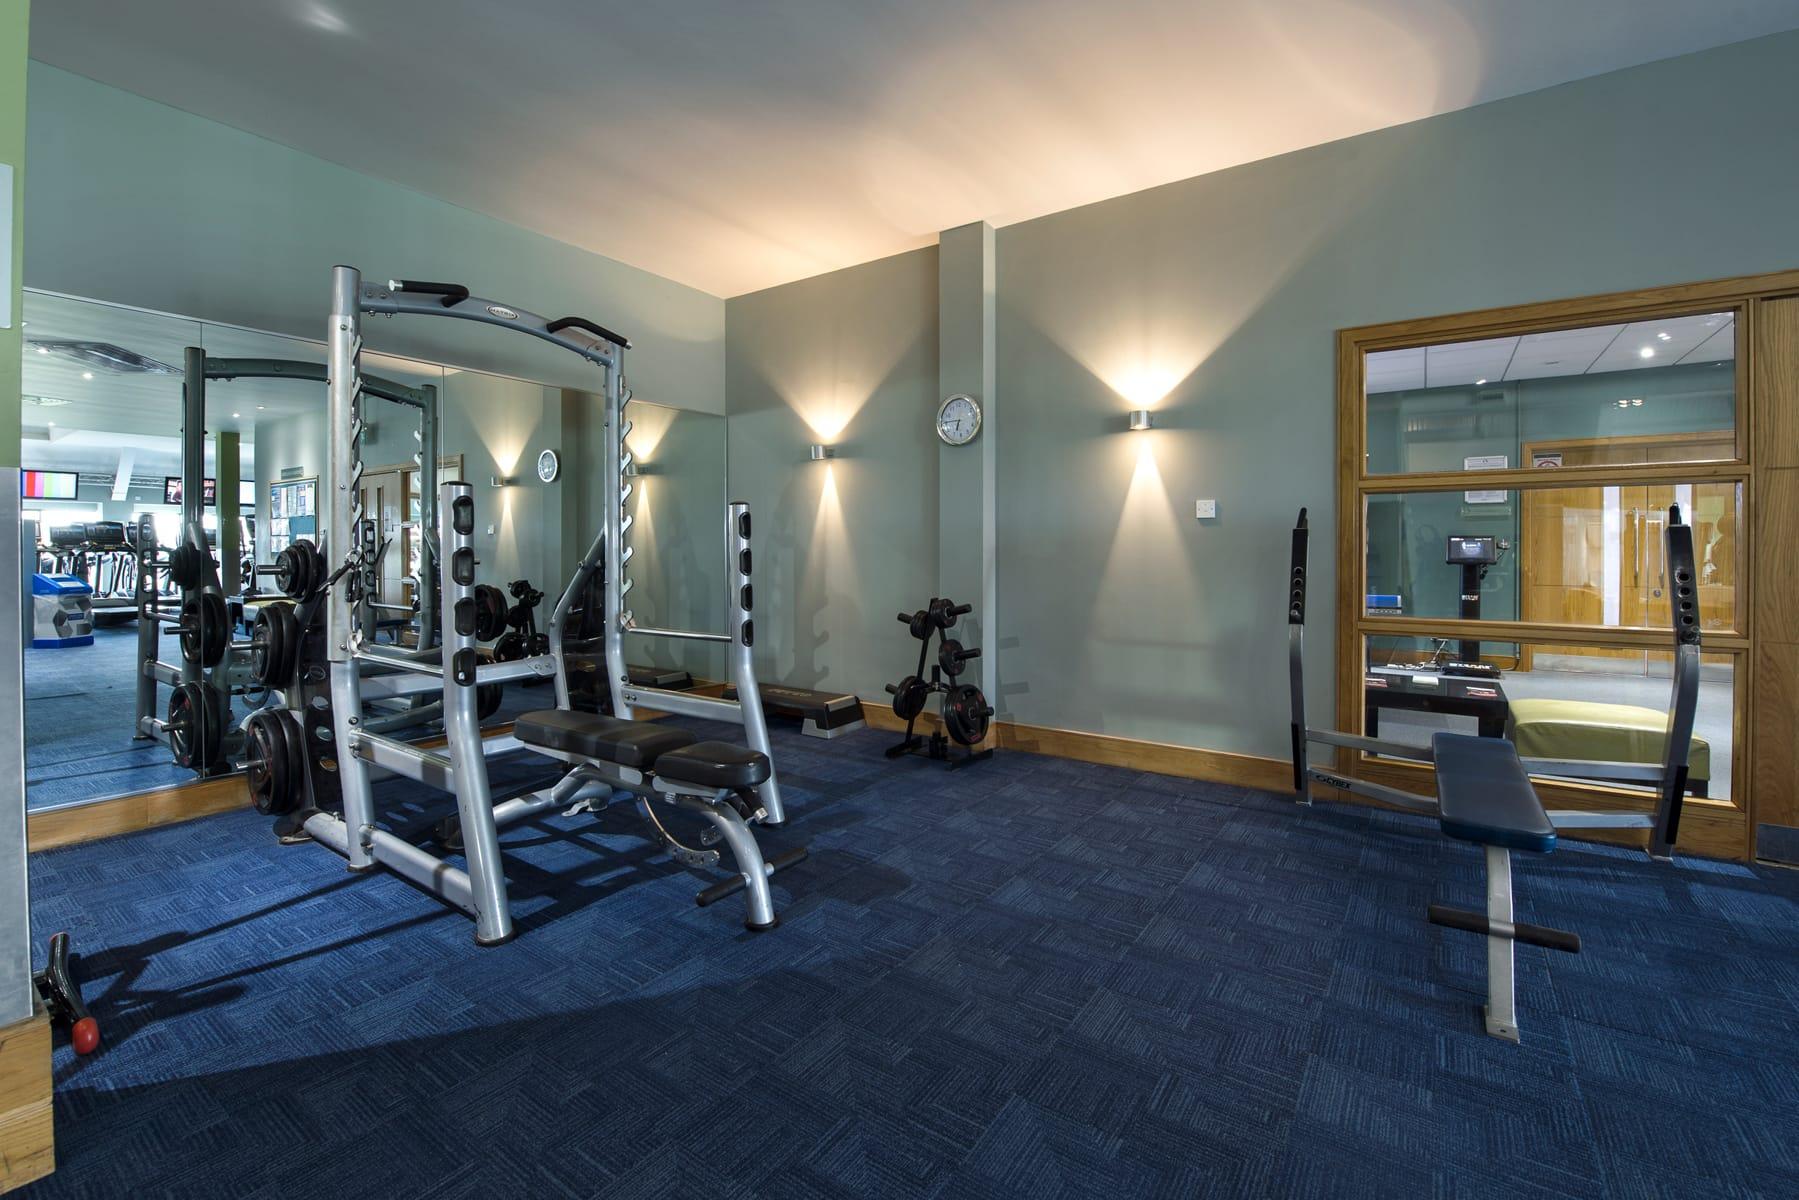 Bicester gym health club latest gym equipment pool